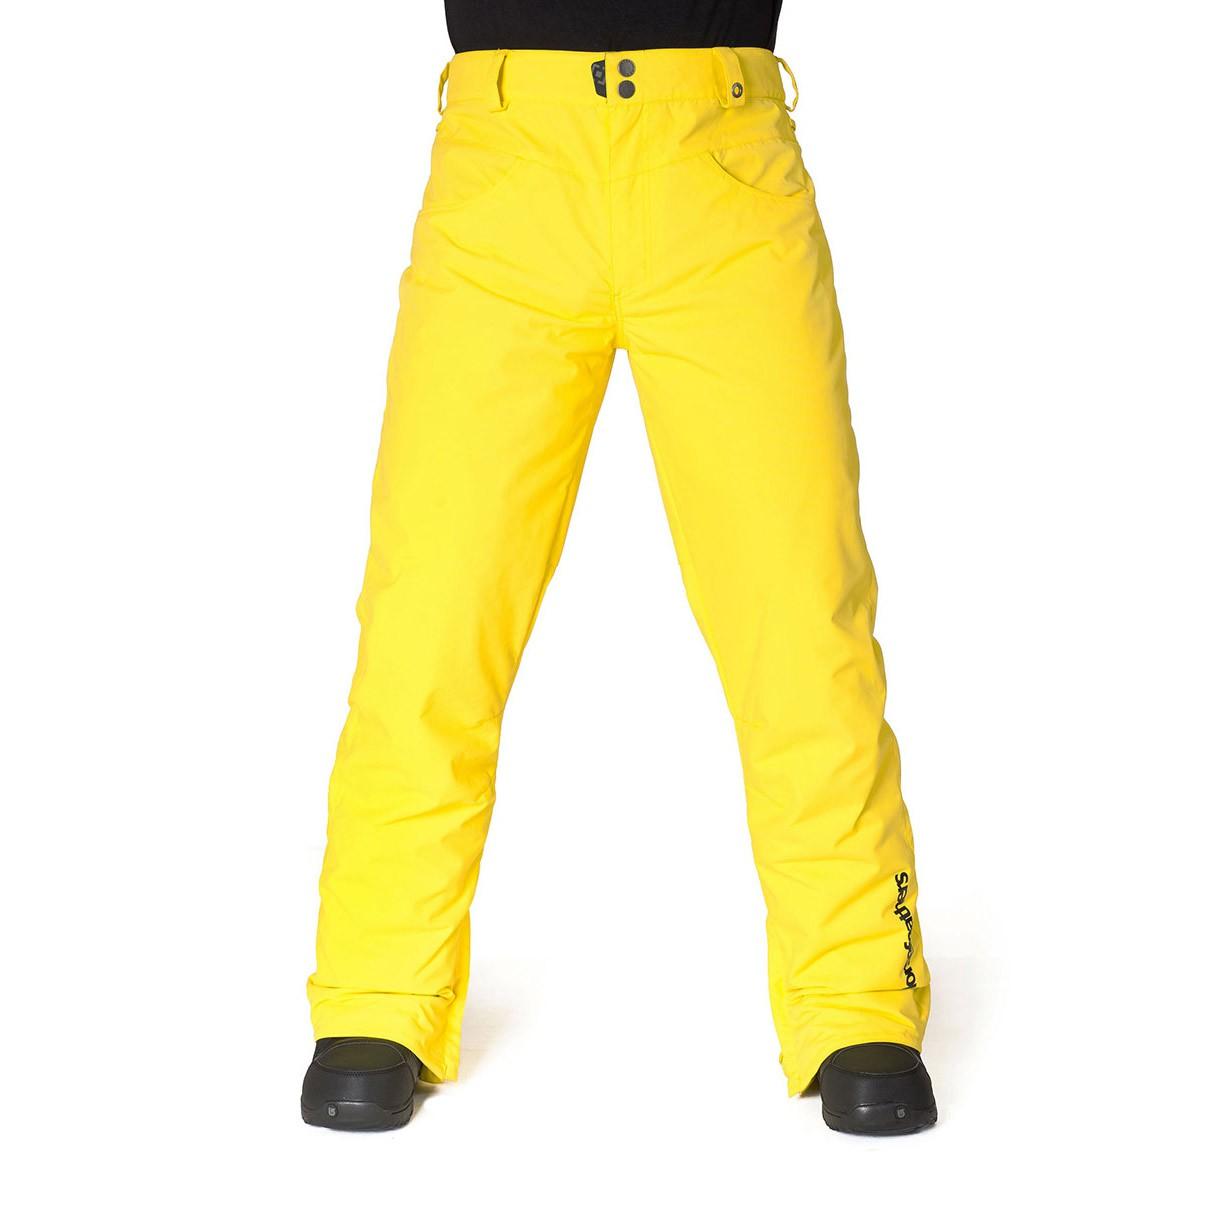 Kalhoty Horsefeathers Roulette yellow